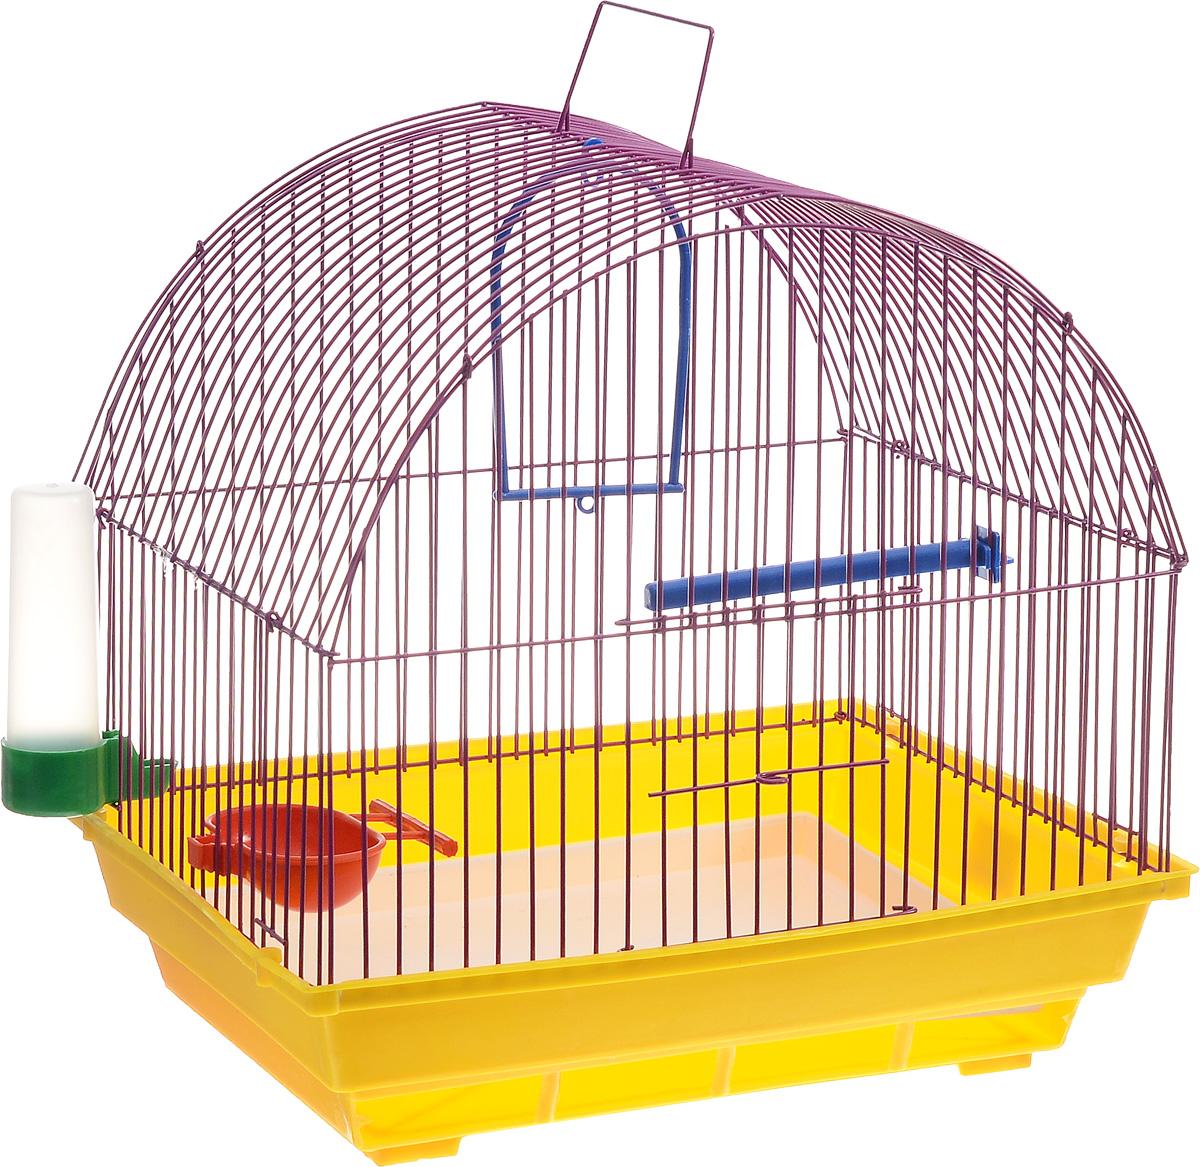 Клетка для птиц ЗооМарк, цвет: желтый поддон, фиолетовая решетка, 35 х 28 х 34 см420ЖФКлетка ЗооМарк, выполненная из полипропилена и металла с эмалированным покрытием, предназначена для мелких птиц.Изделие состоит из большого поддона и решетки. Клетка снабжена металлической дверцей. В основании клетки находится малый поддон. Клетка удобна в использовании и легко чистится. Она оснащена жердочкой, кольцом для птицы, поилкой, кормушкой и подвижной ручкой для удобной переноски.